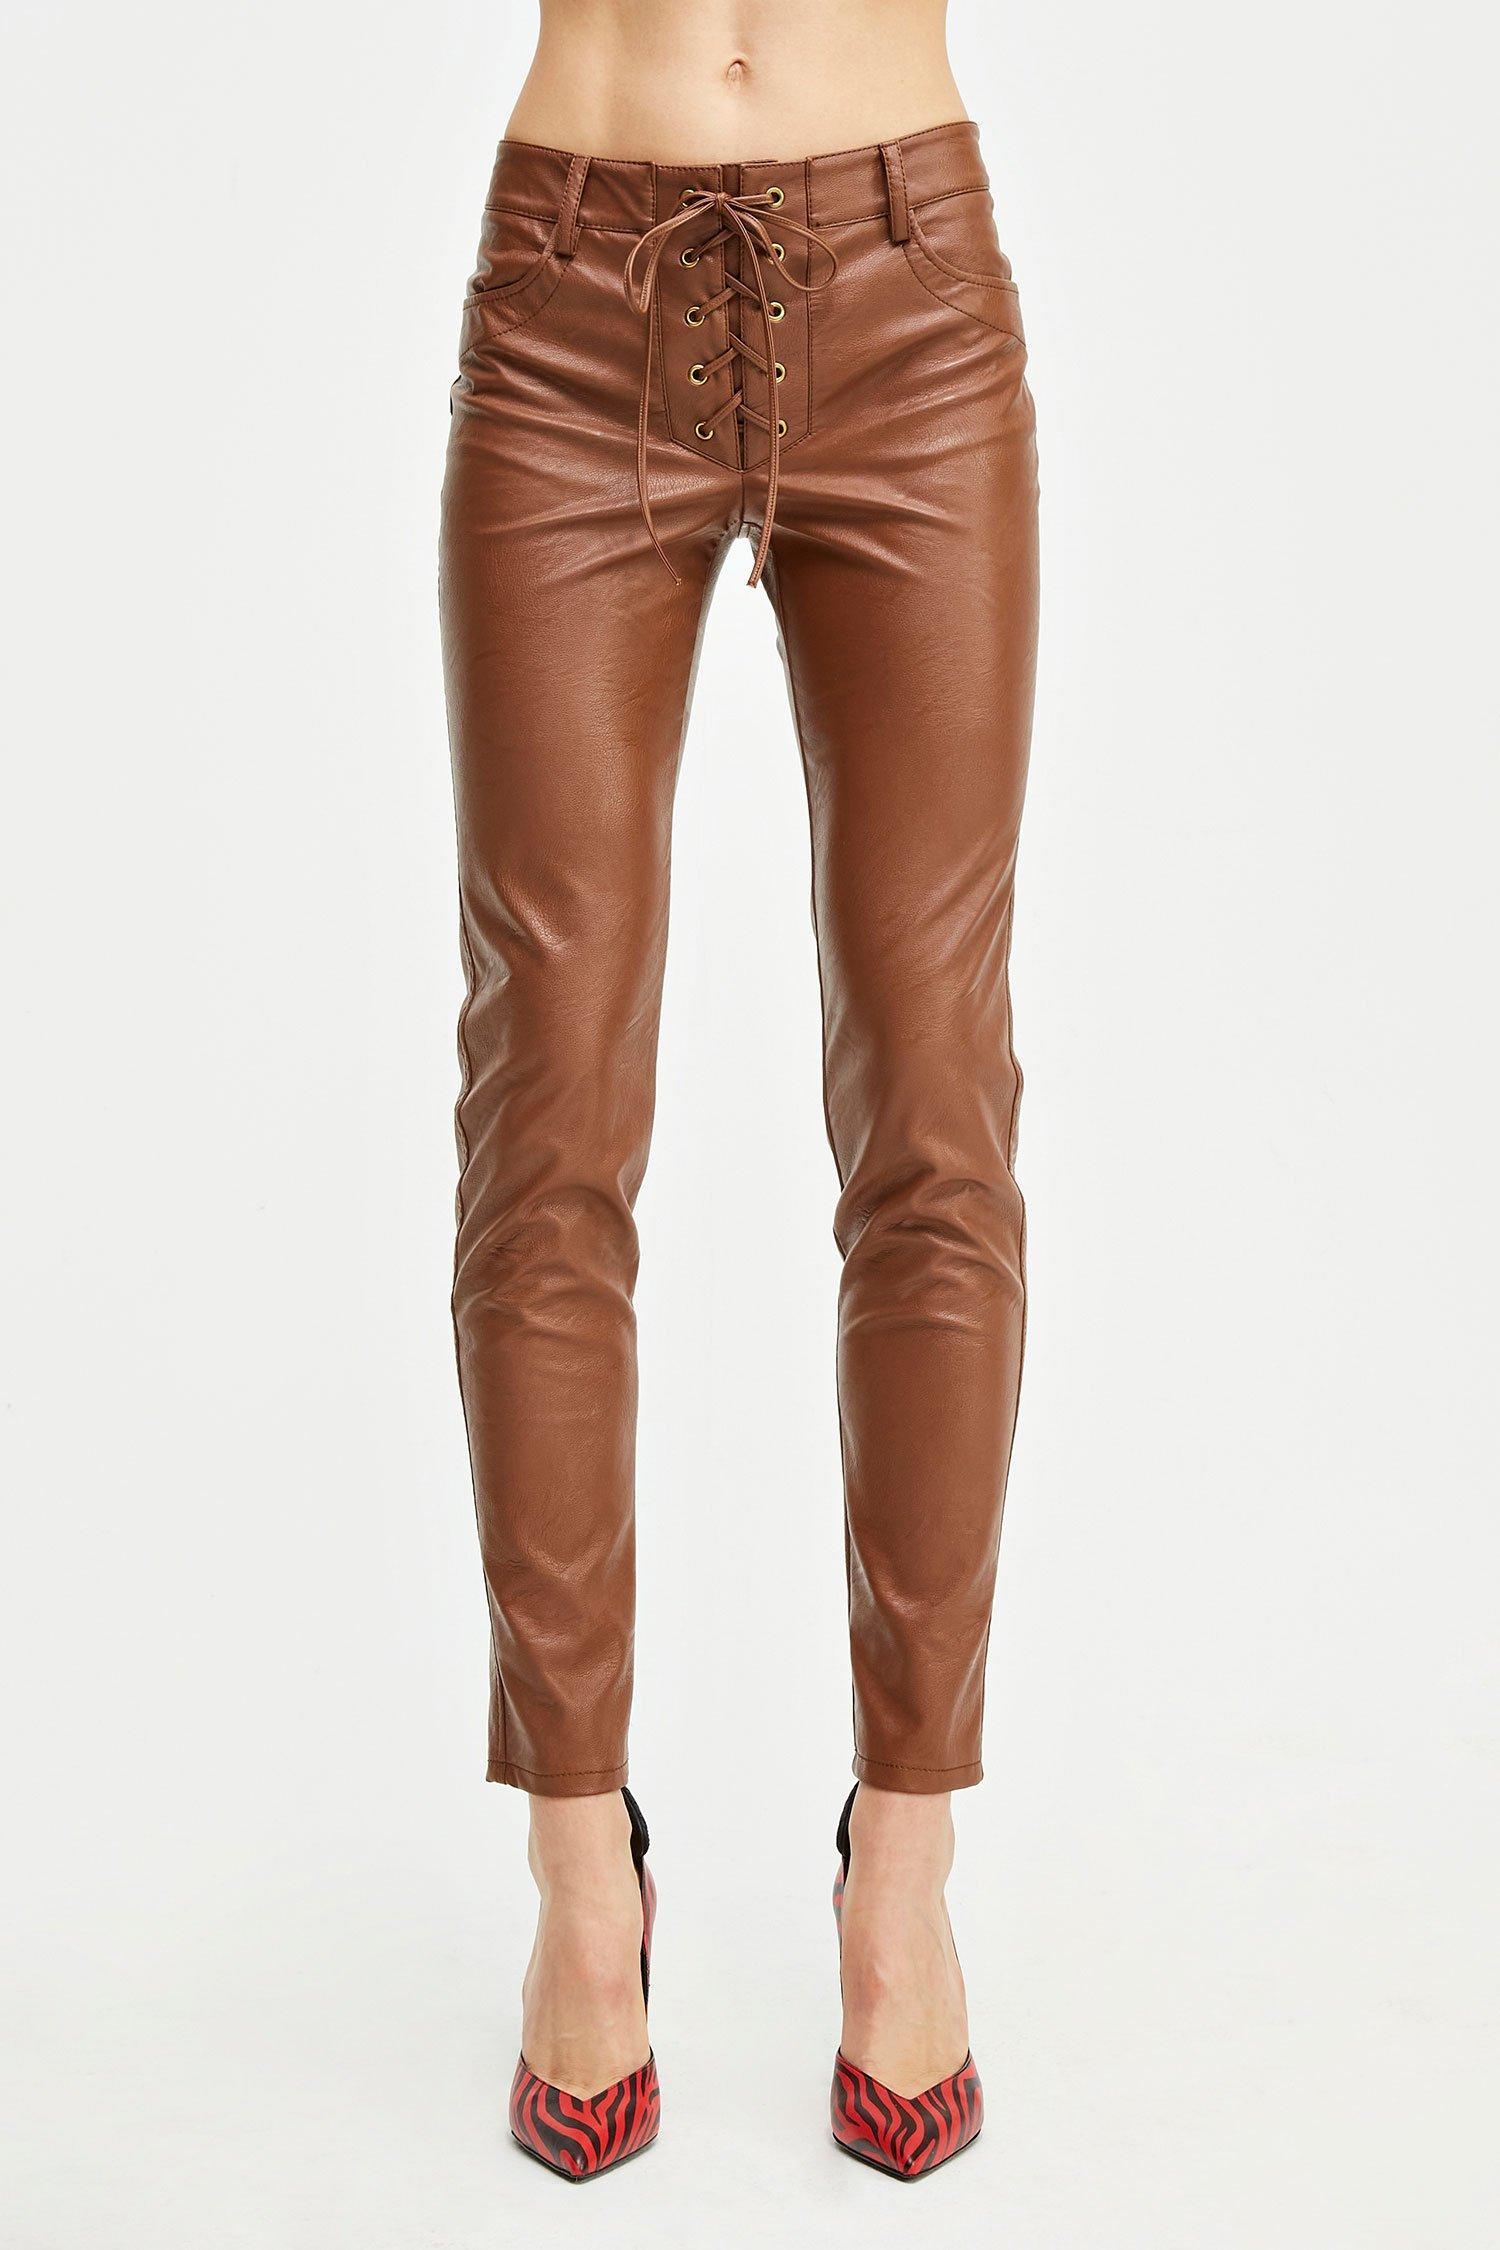 Pantaloni Wendy Pants cacao Aniye By